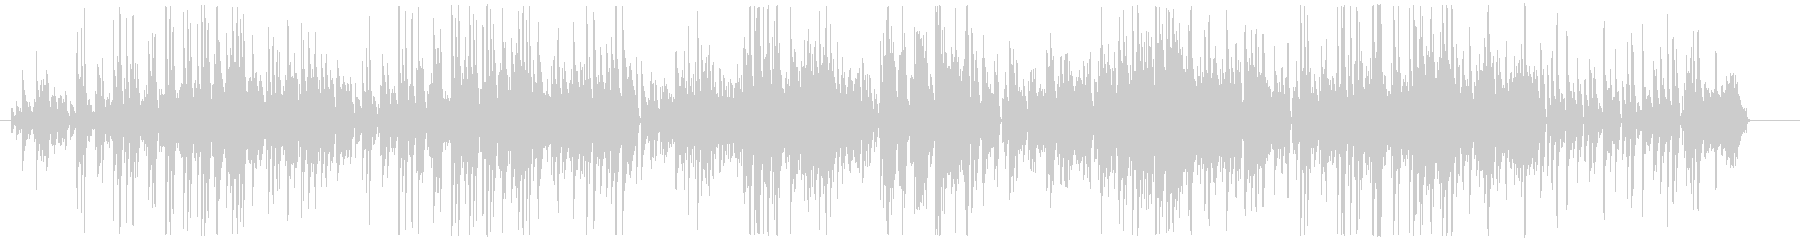 小気味の良いピアノのボサノヴァの未再生の波形